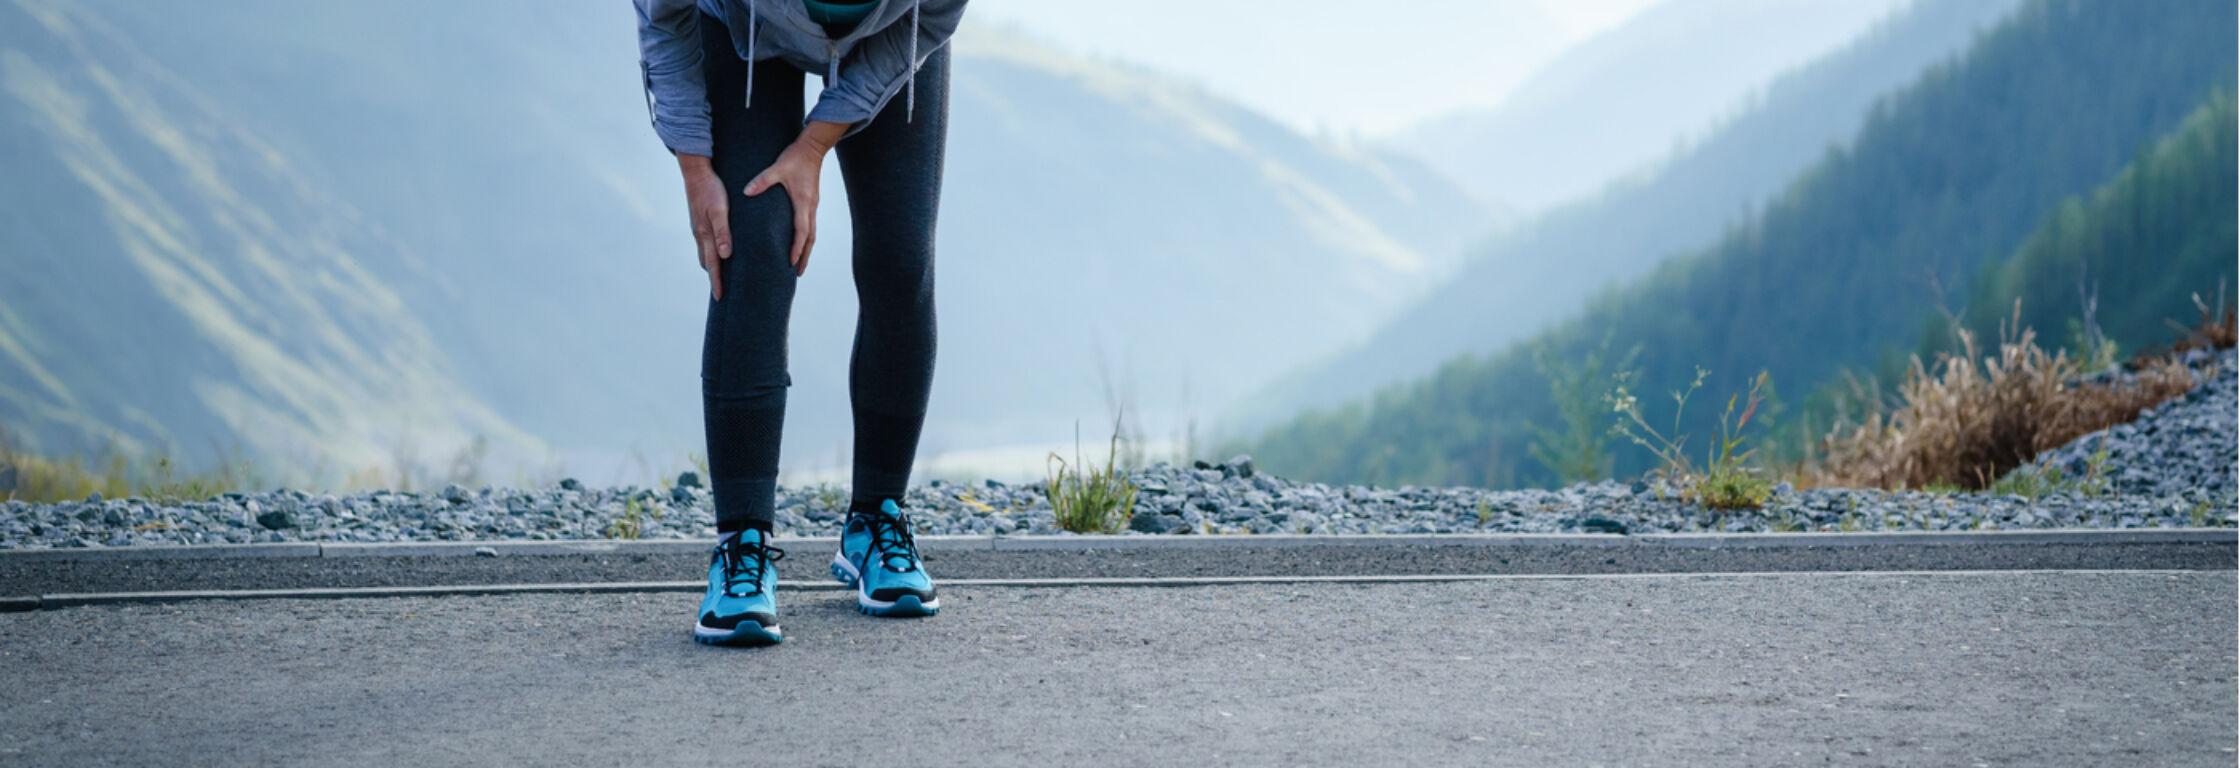 FysioRunning: dé online hardloopcoach bij een blessure